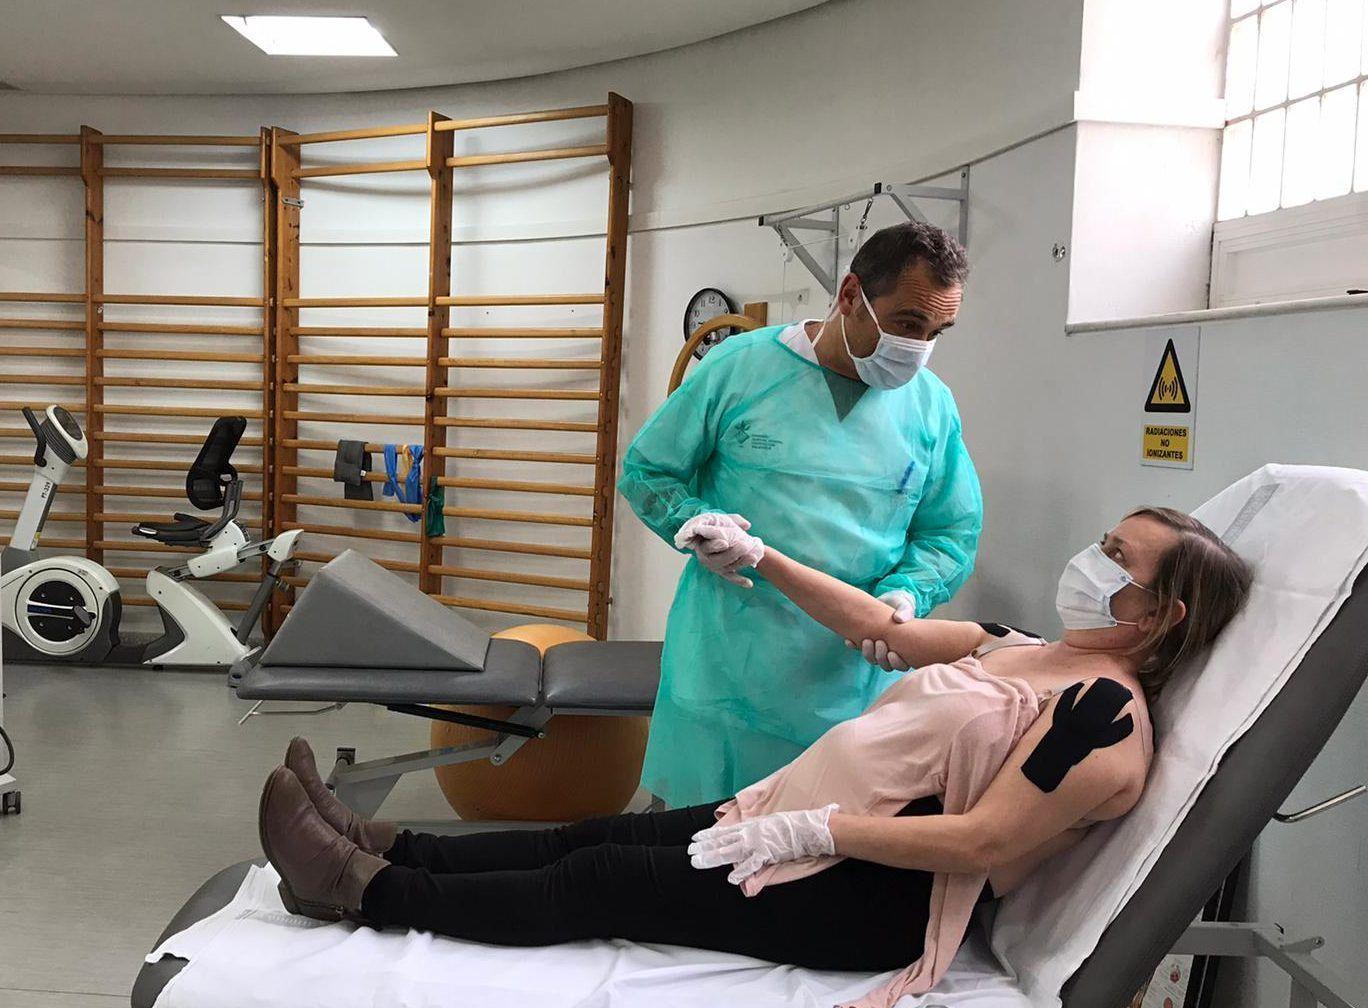 La Fisioterapia continúa en los centros de salud valencianos durante la epidemia del COVID-19.